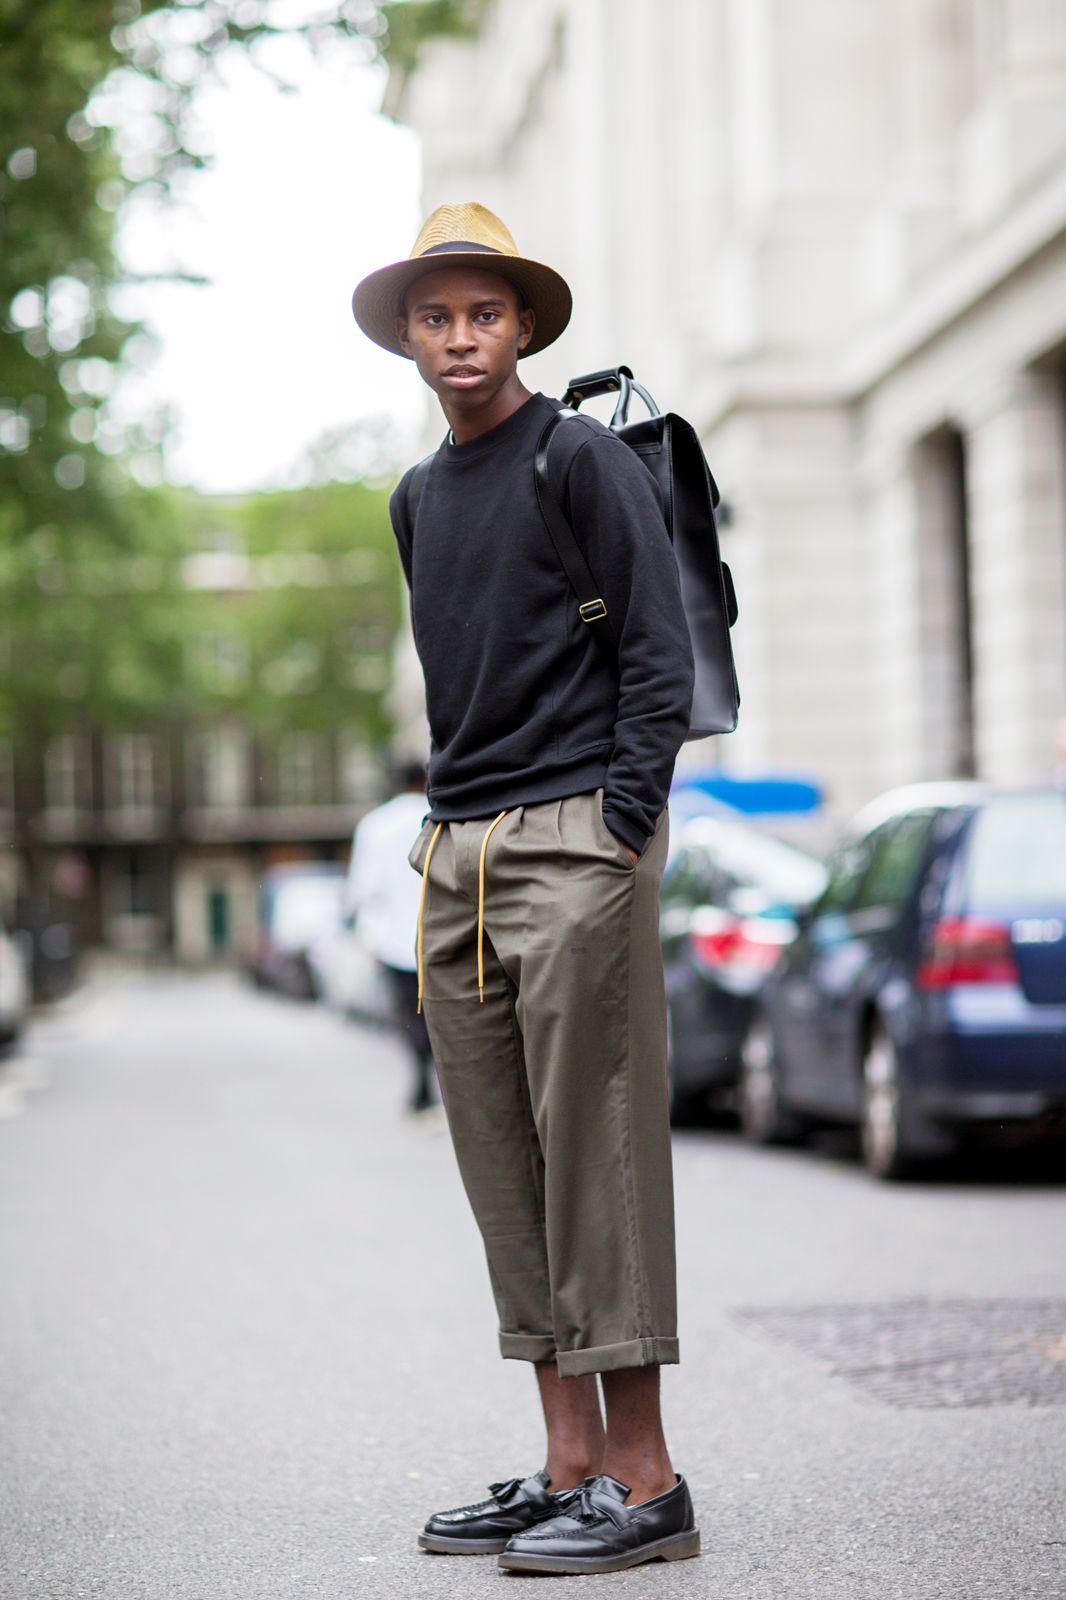 Moda Vestiti Stile Uomo Pantaloni Londinese Hobo Vintage Da wH7xUzw